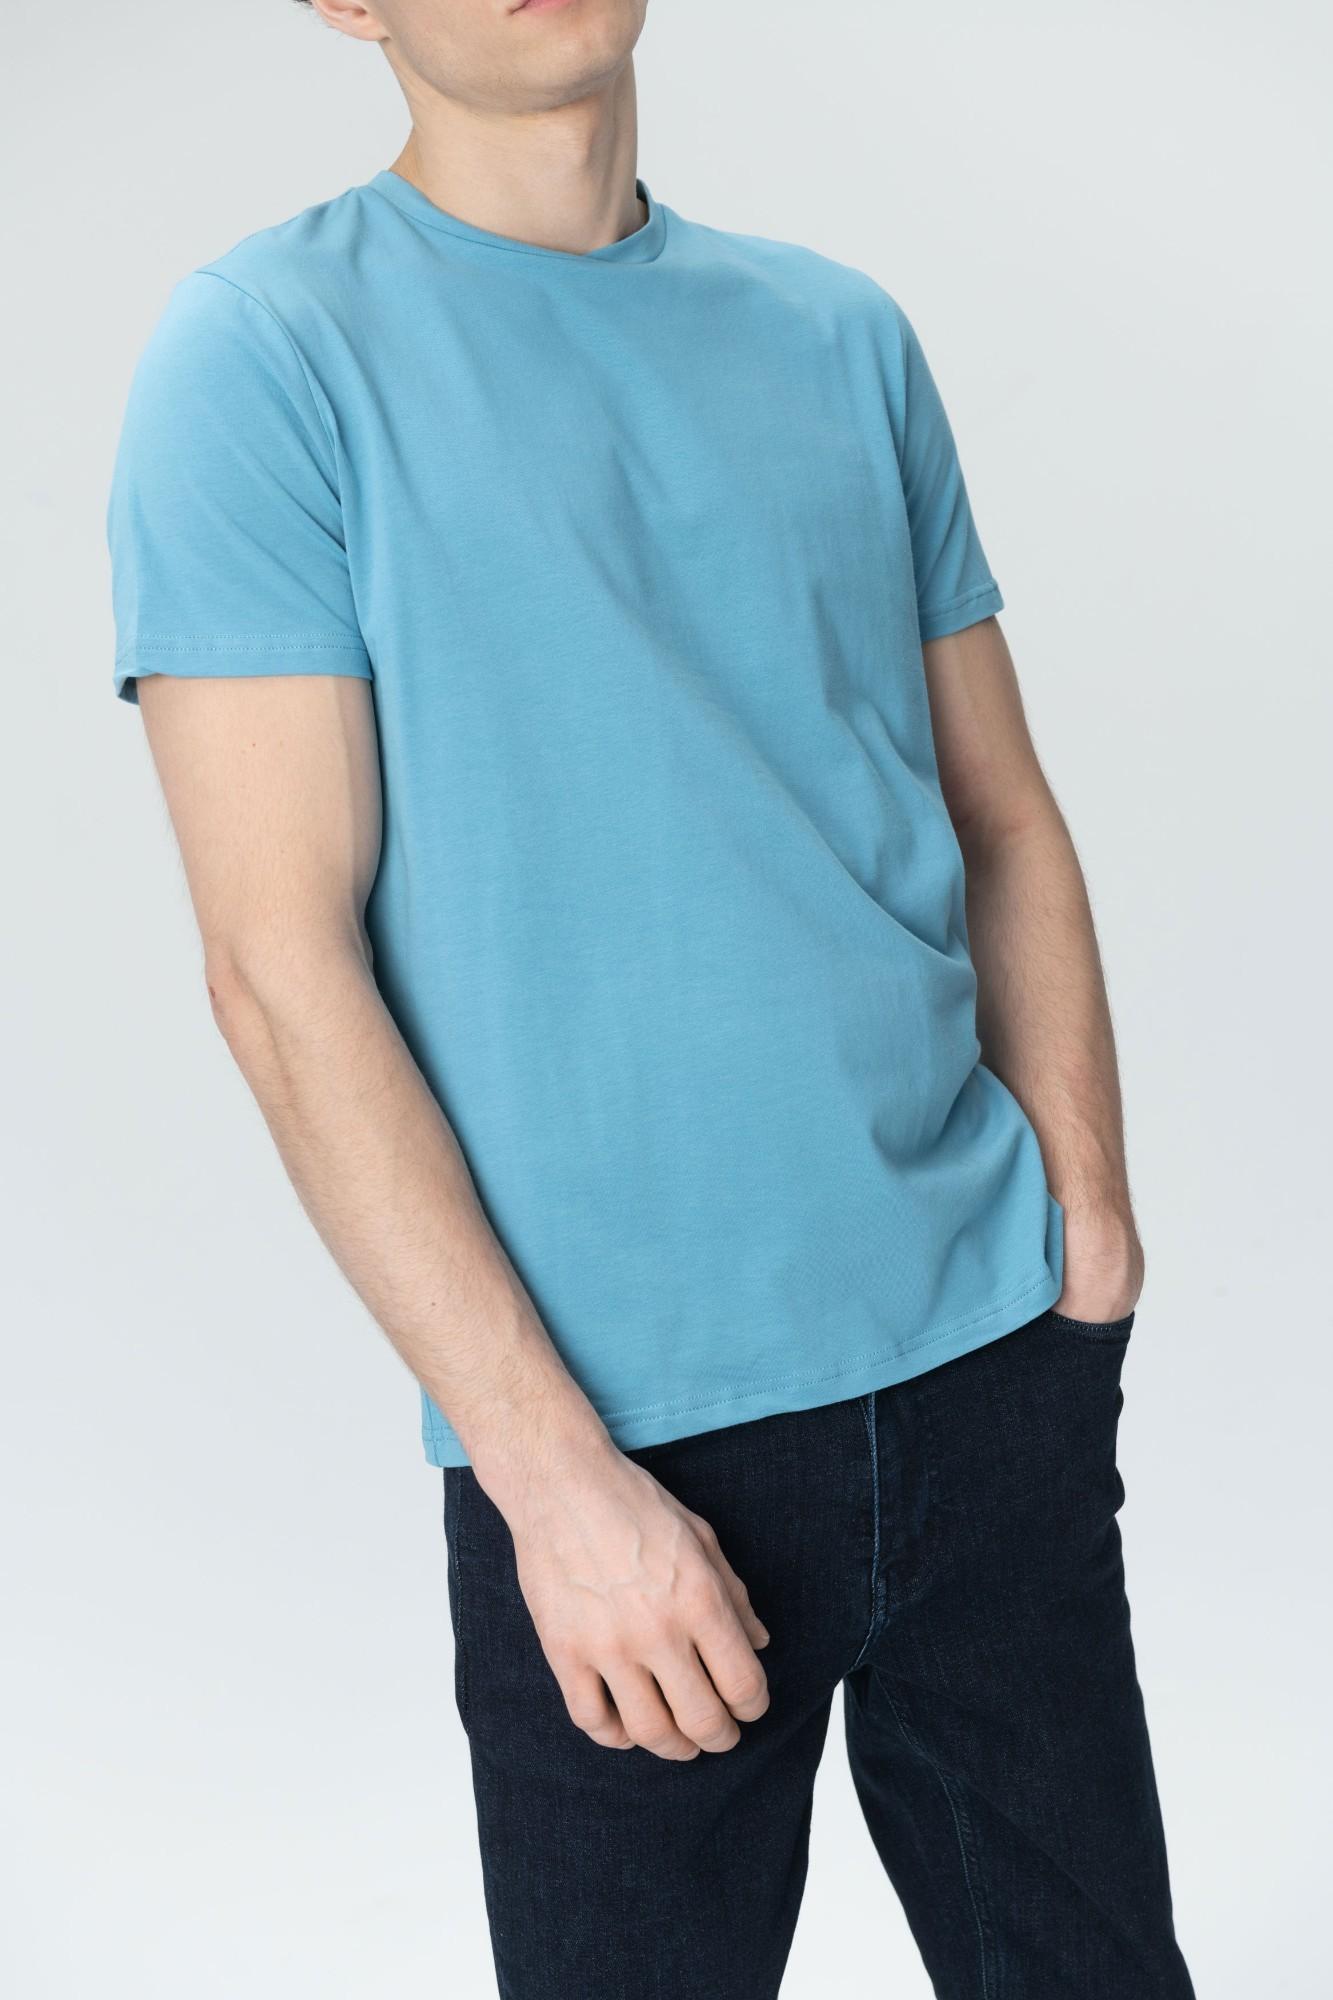 AUDIMAS Tamprūs medvilniniai marškinėliai 2011-472 Niagara XL